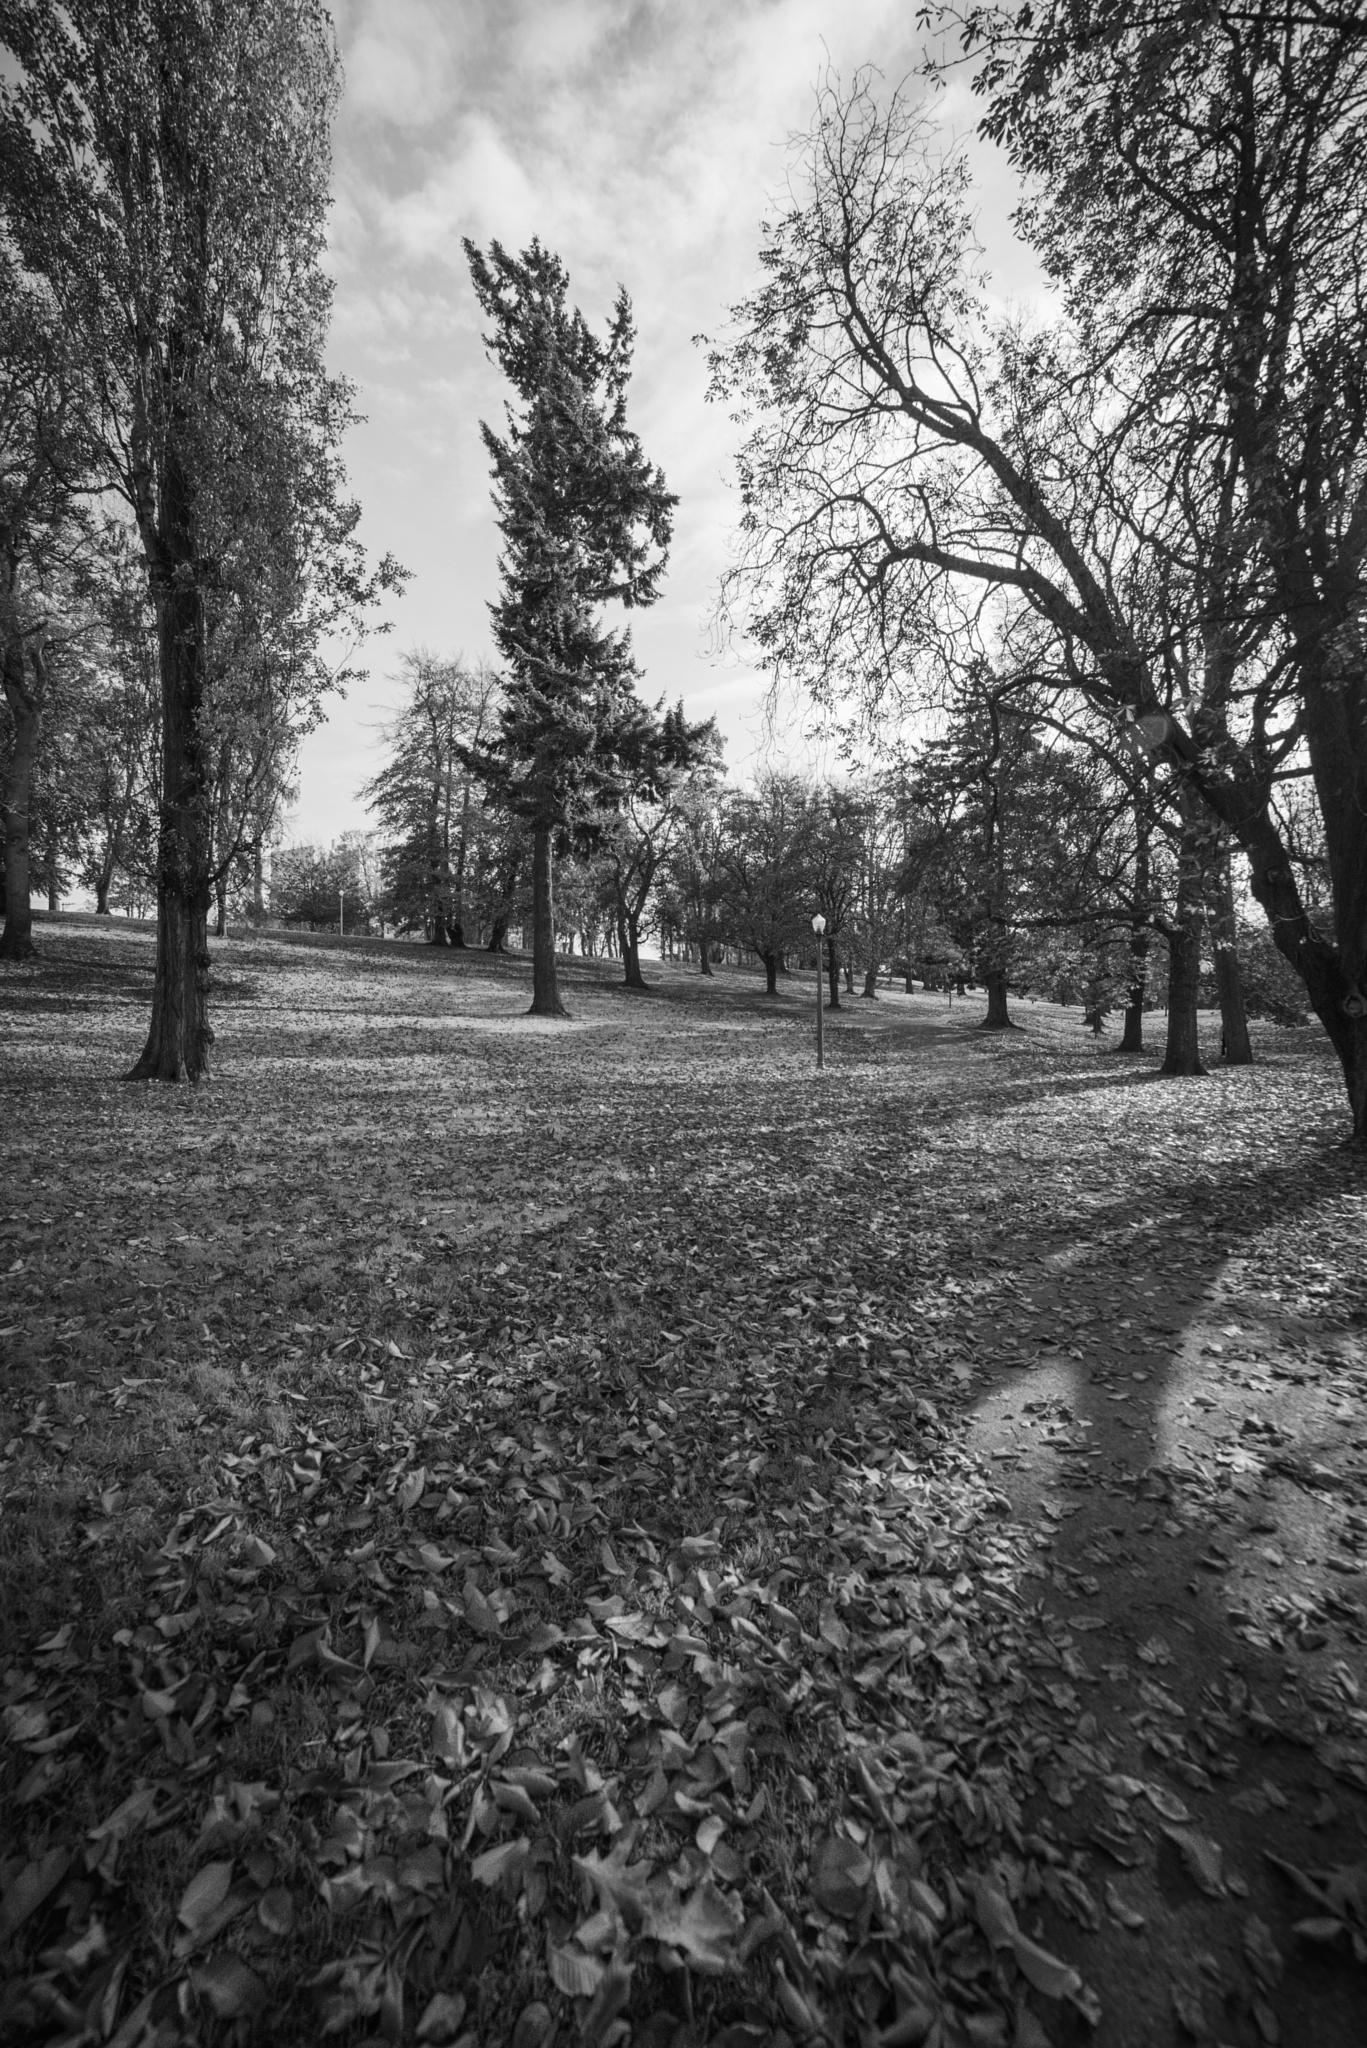 Wright Park by Jay Rinehart